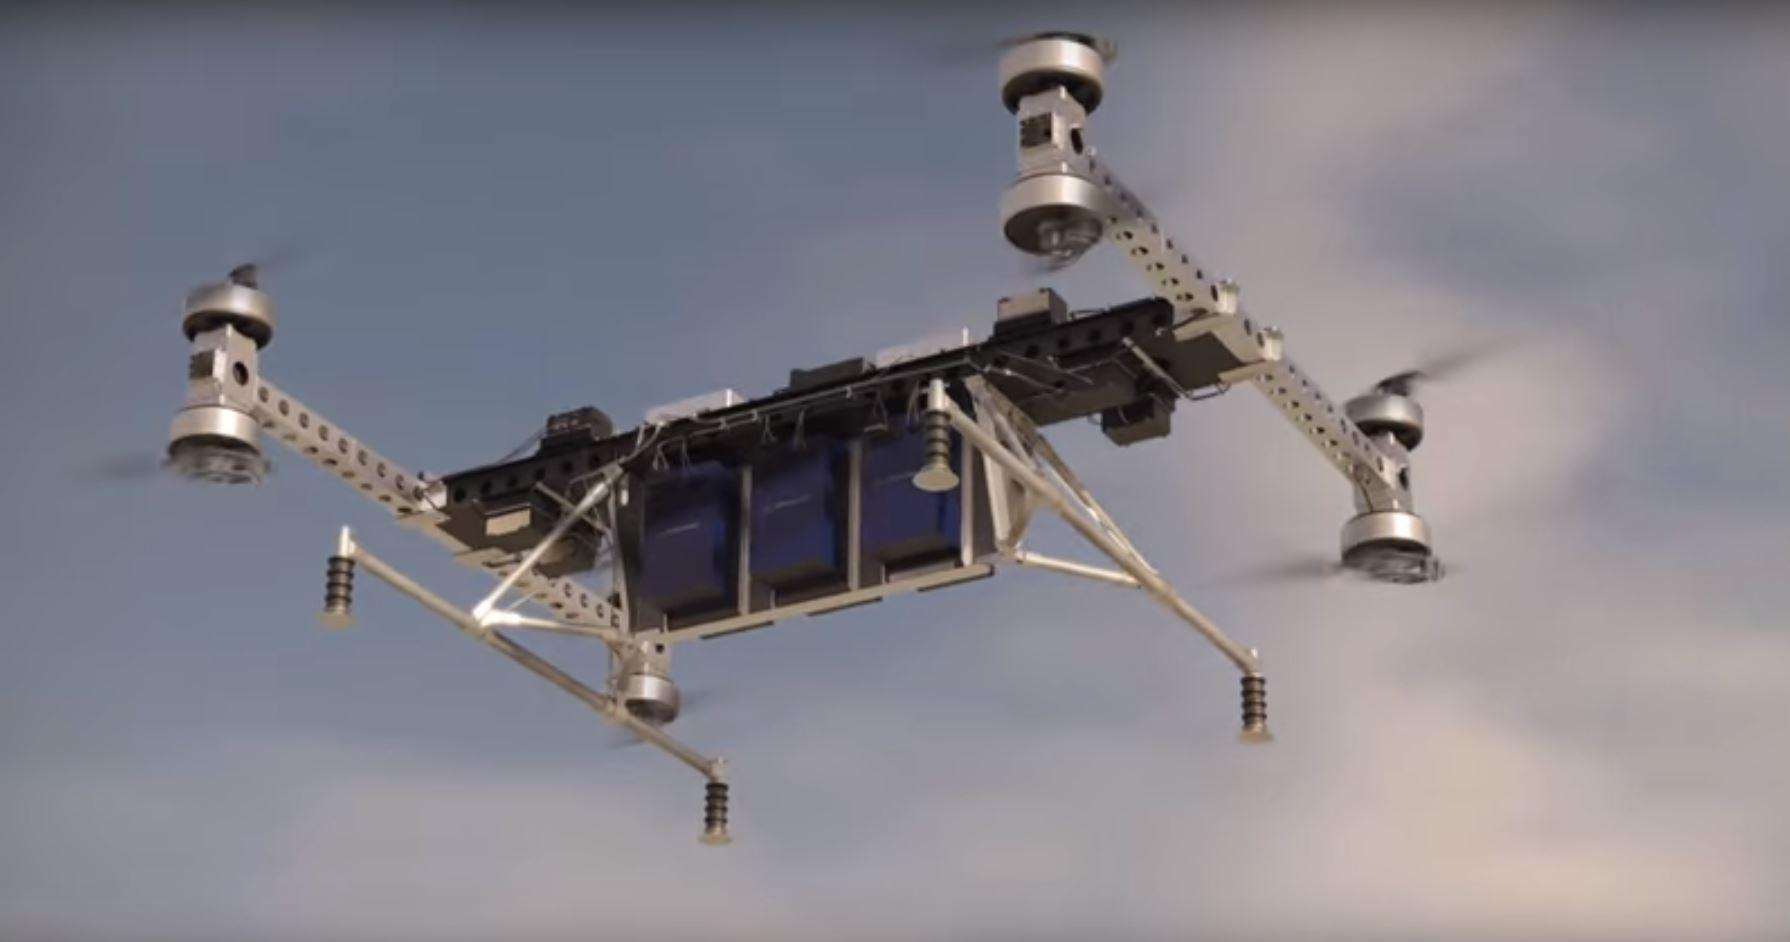 Boeing krijon dronin që mban më shumë se 200 Kg